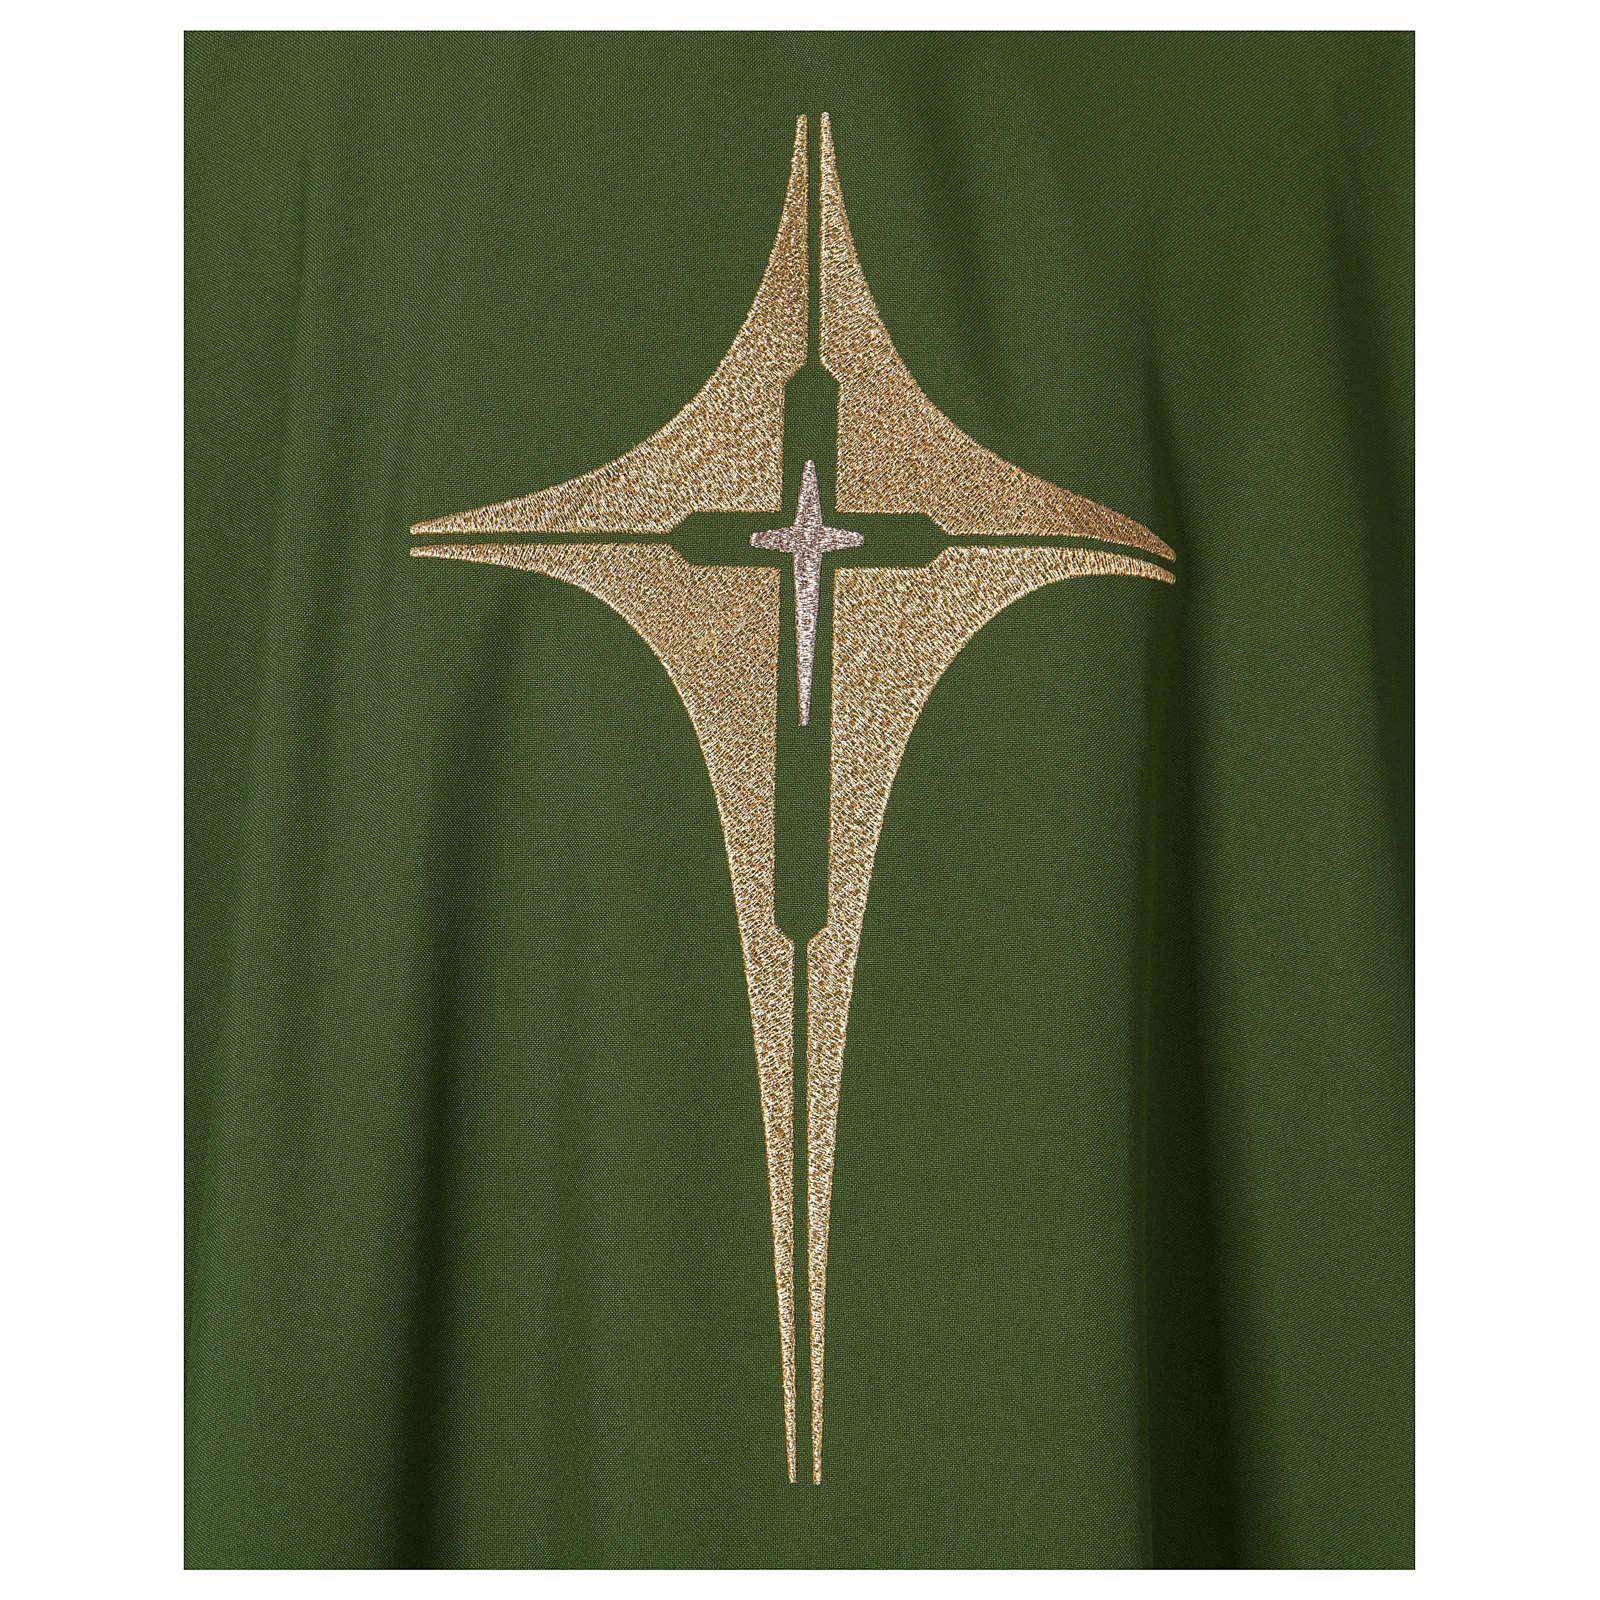 Dalmatique croix et étoile 100% polyester 4